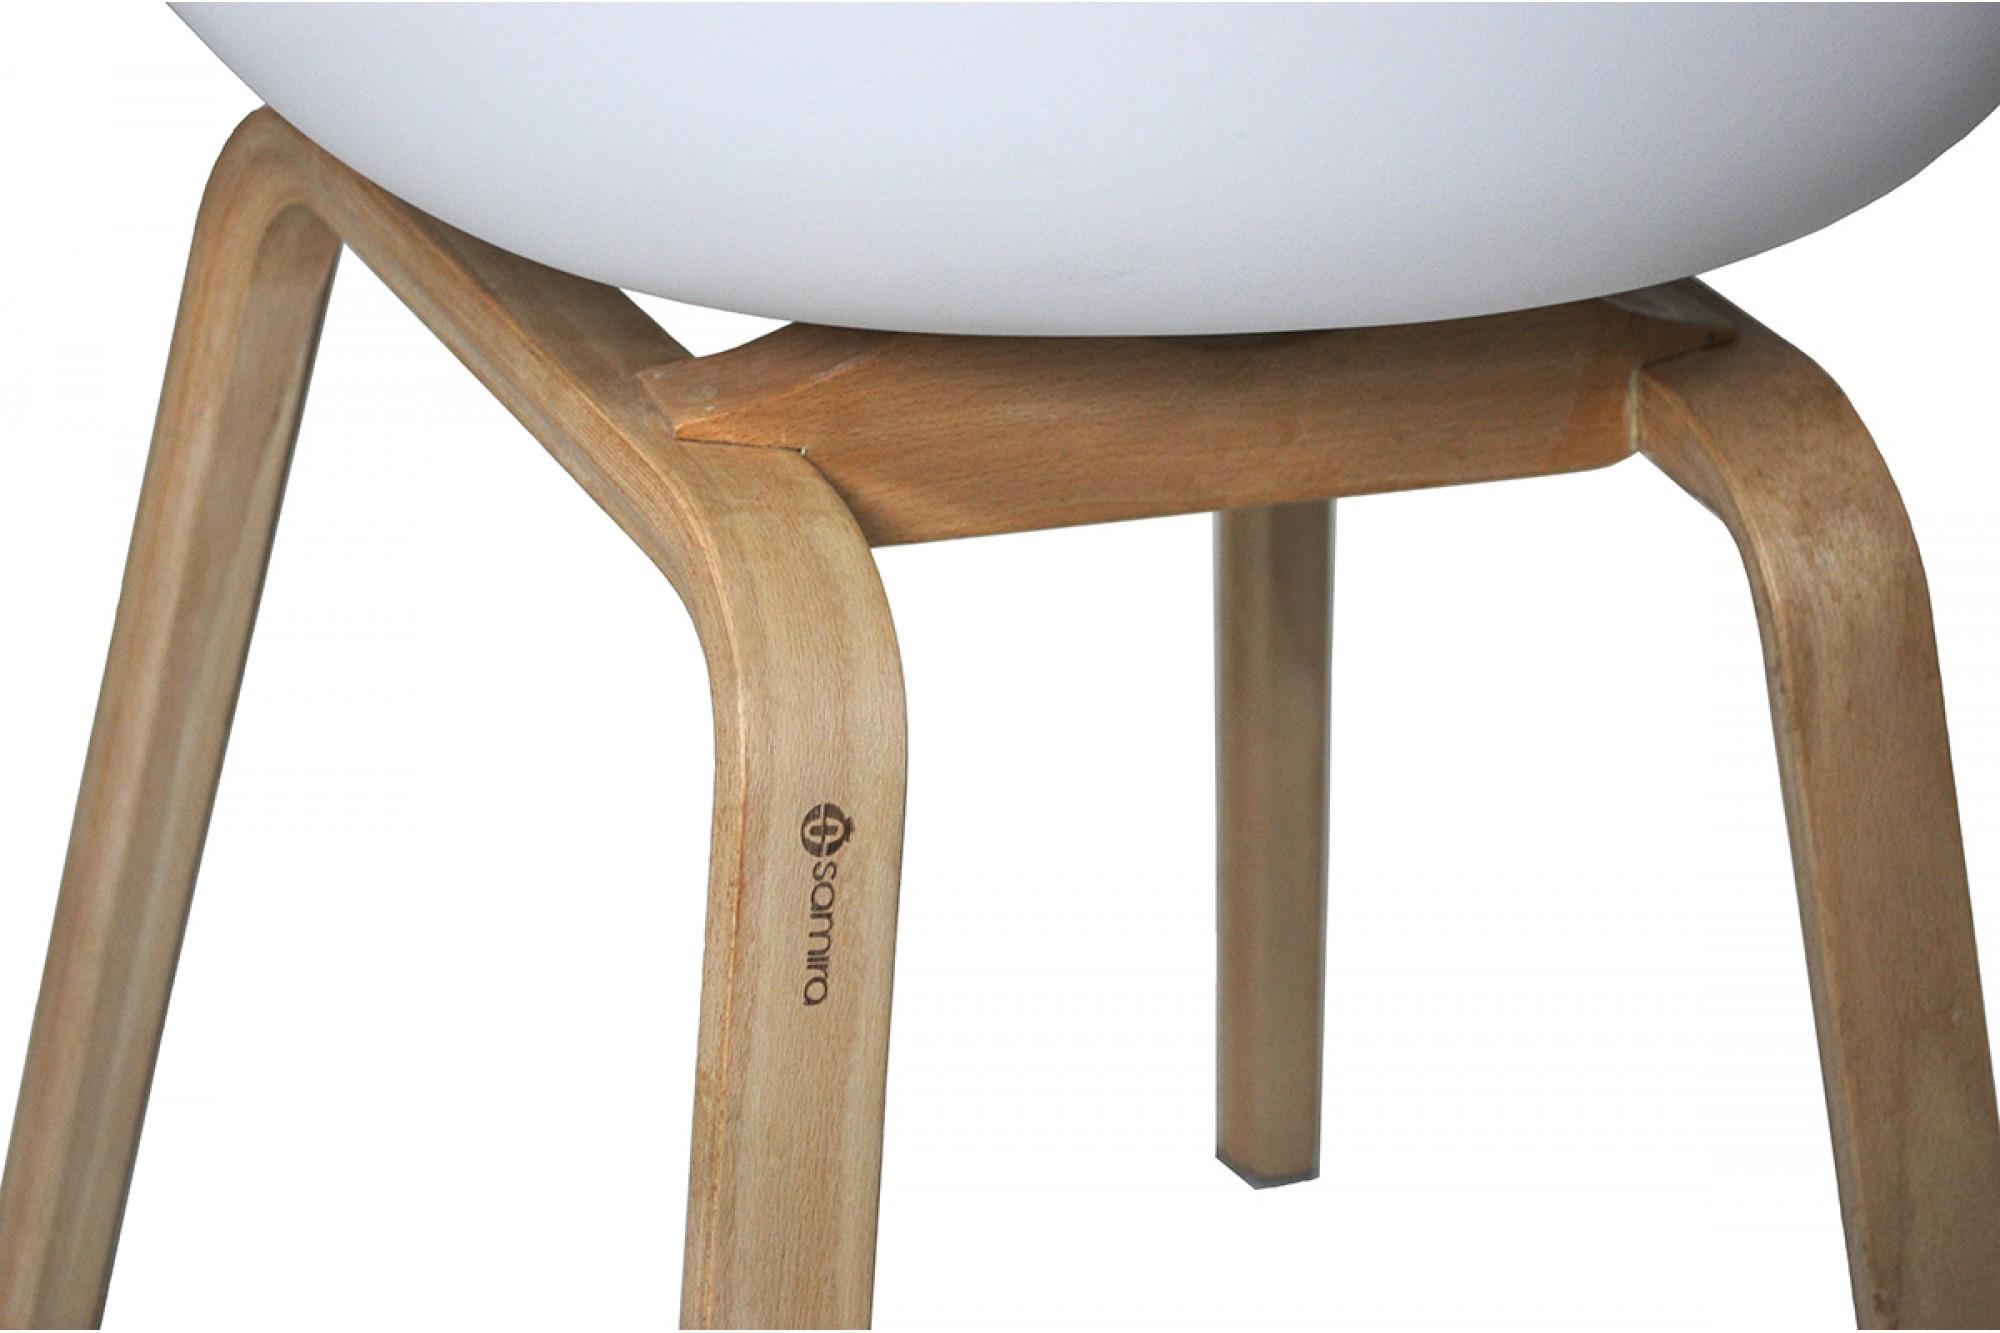 Sedia in plastica bianca Dorina con gamba, piede in legno